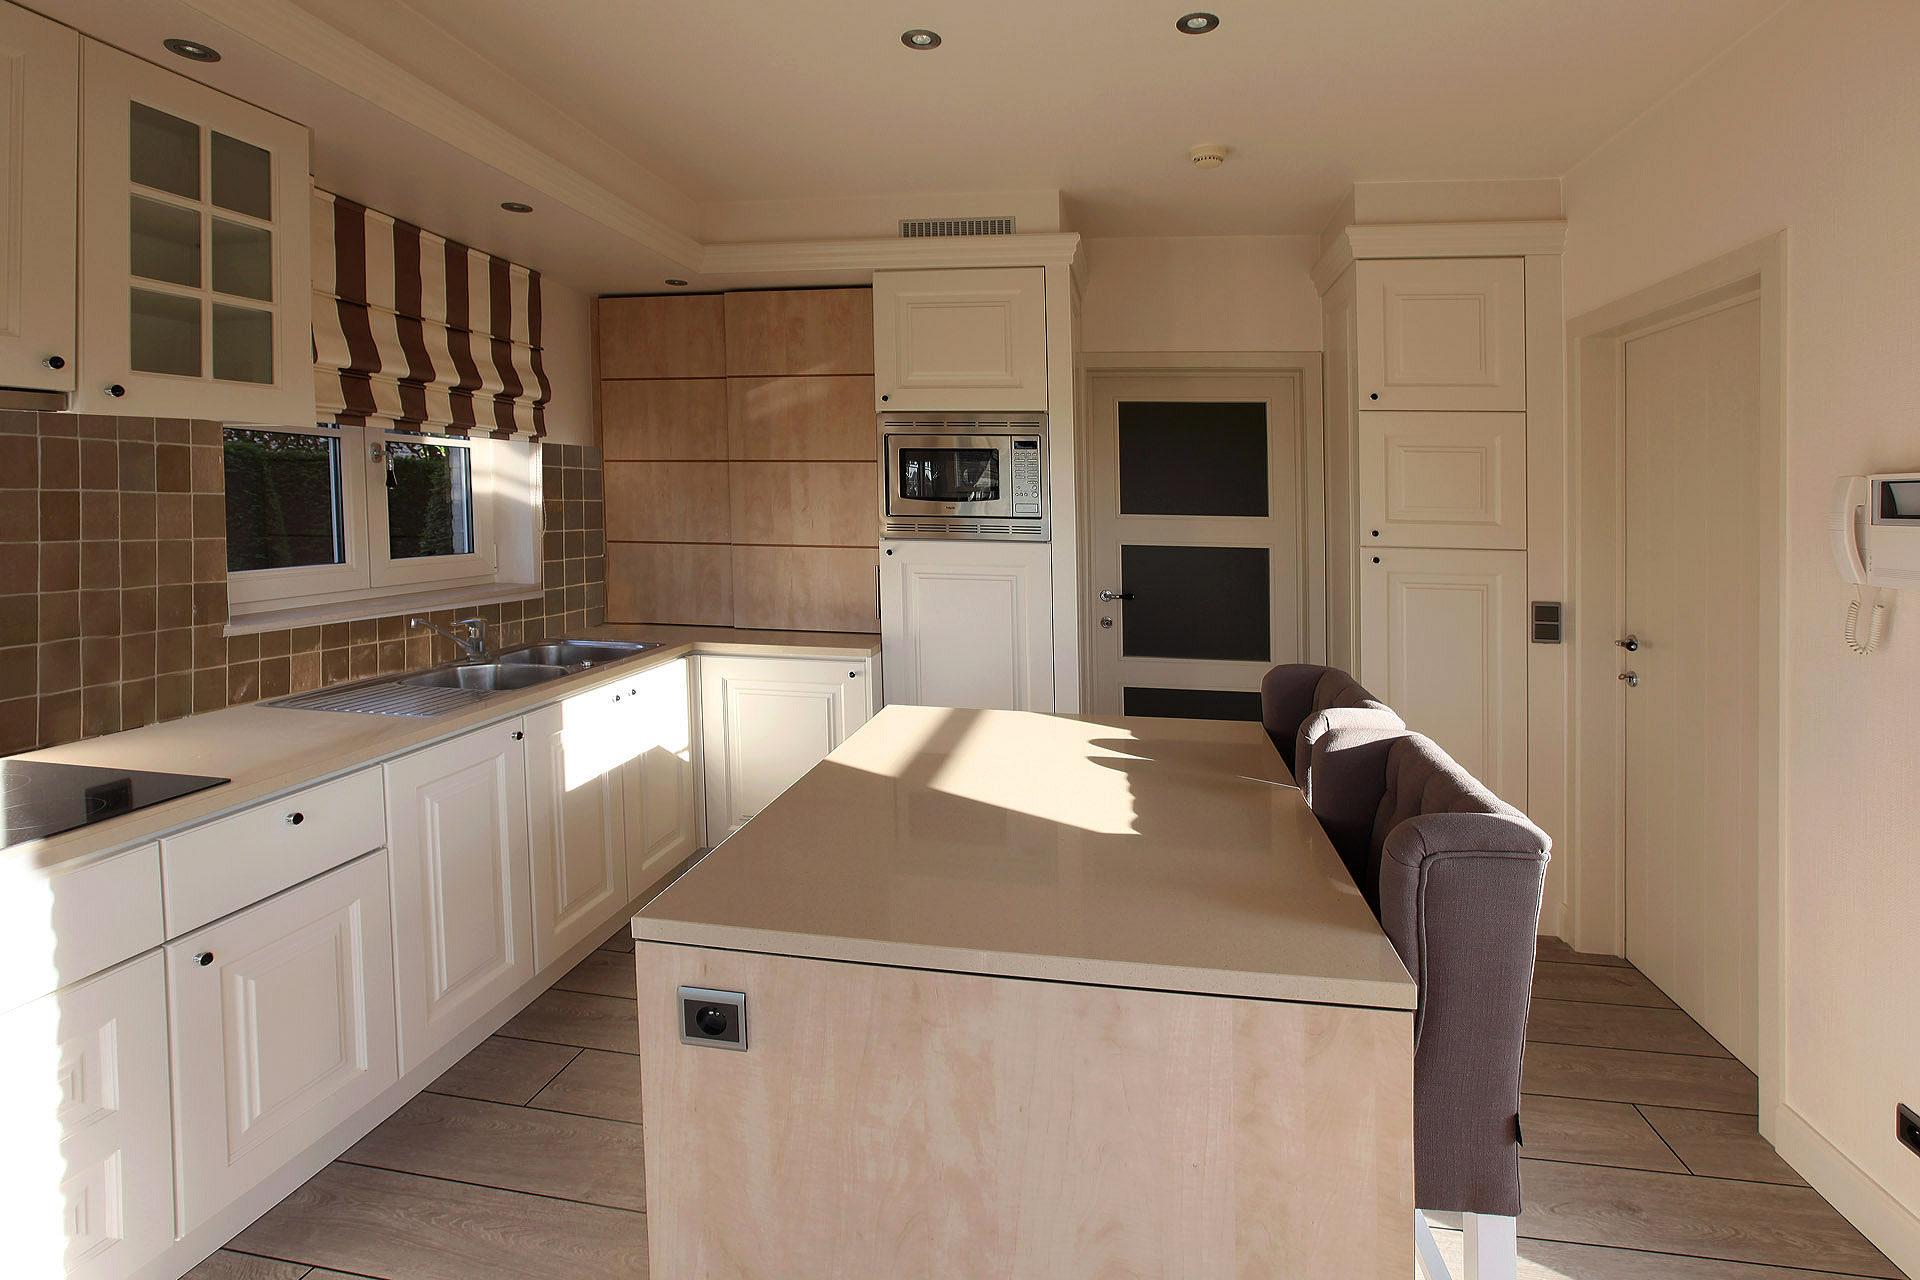 architecte d 39 int rieur marcotte style. Black Bedroom Furniture Sets. Home Design Ideas